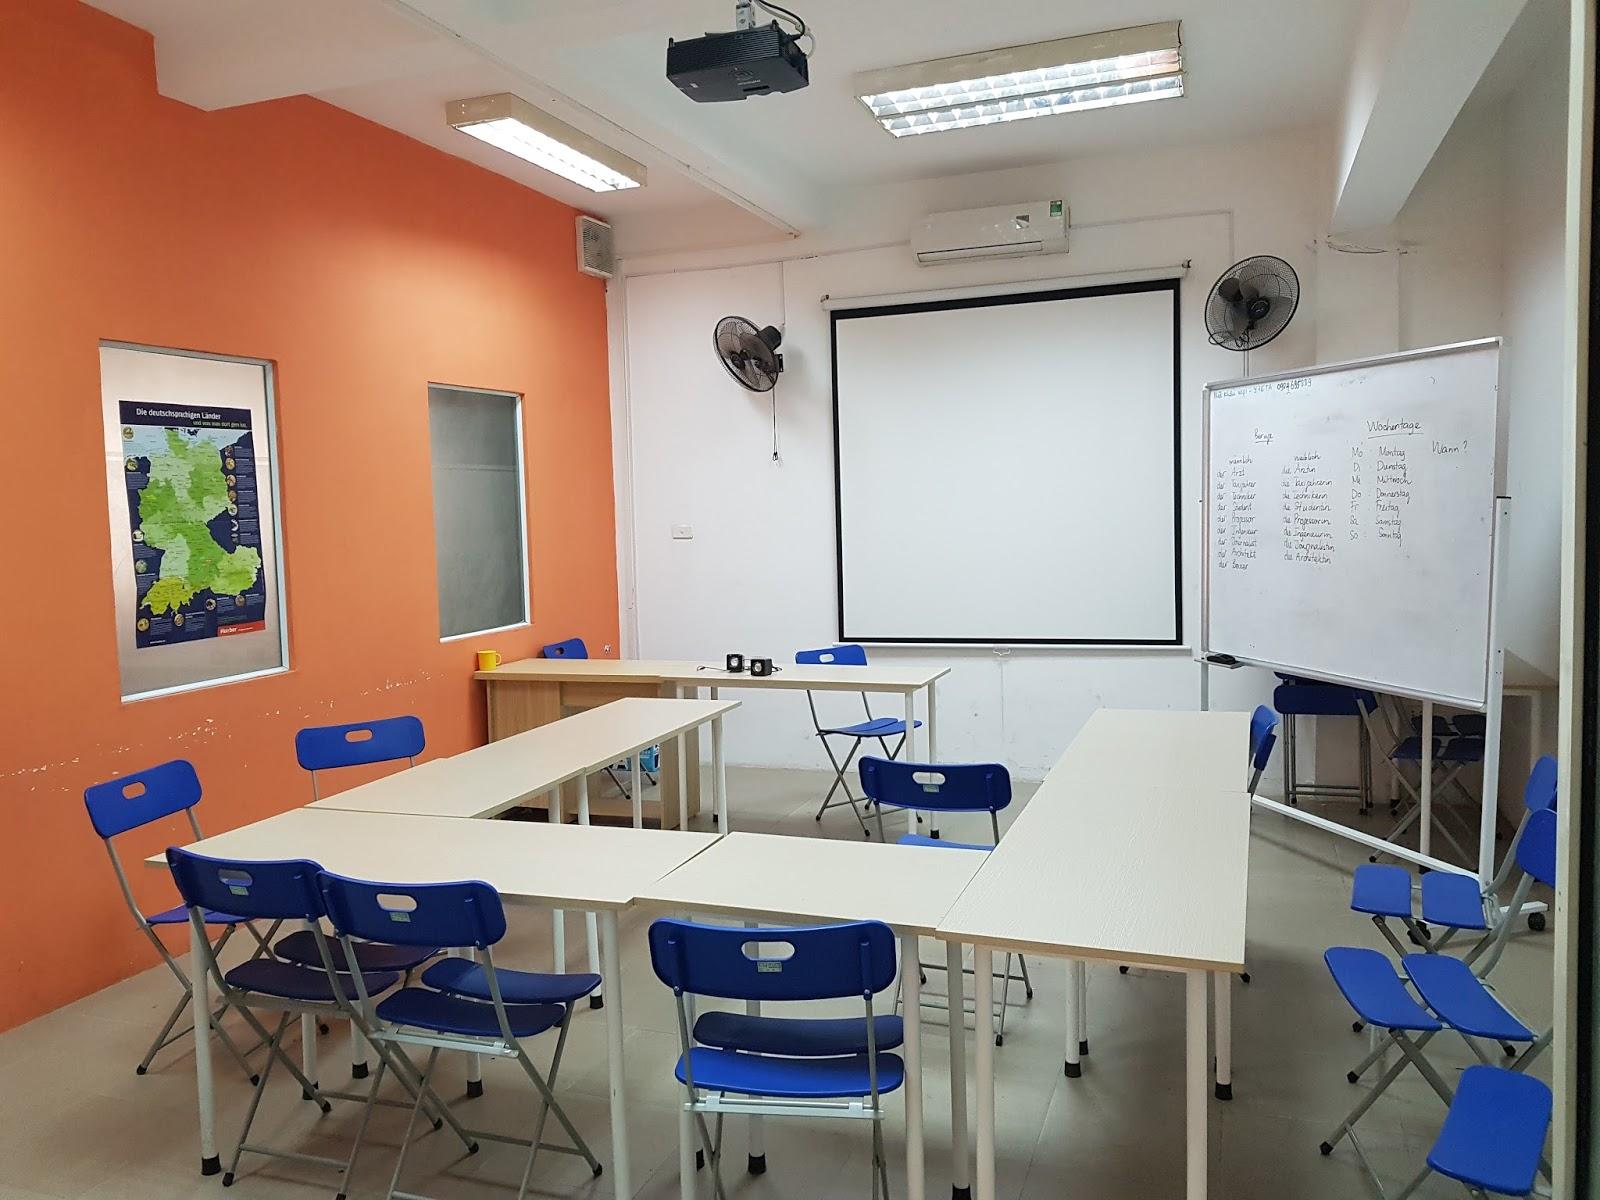 Cho thuê phòng học giá tốt tại Hà Nội